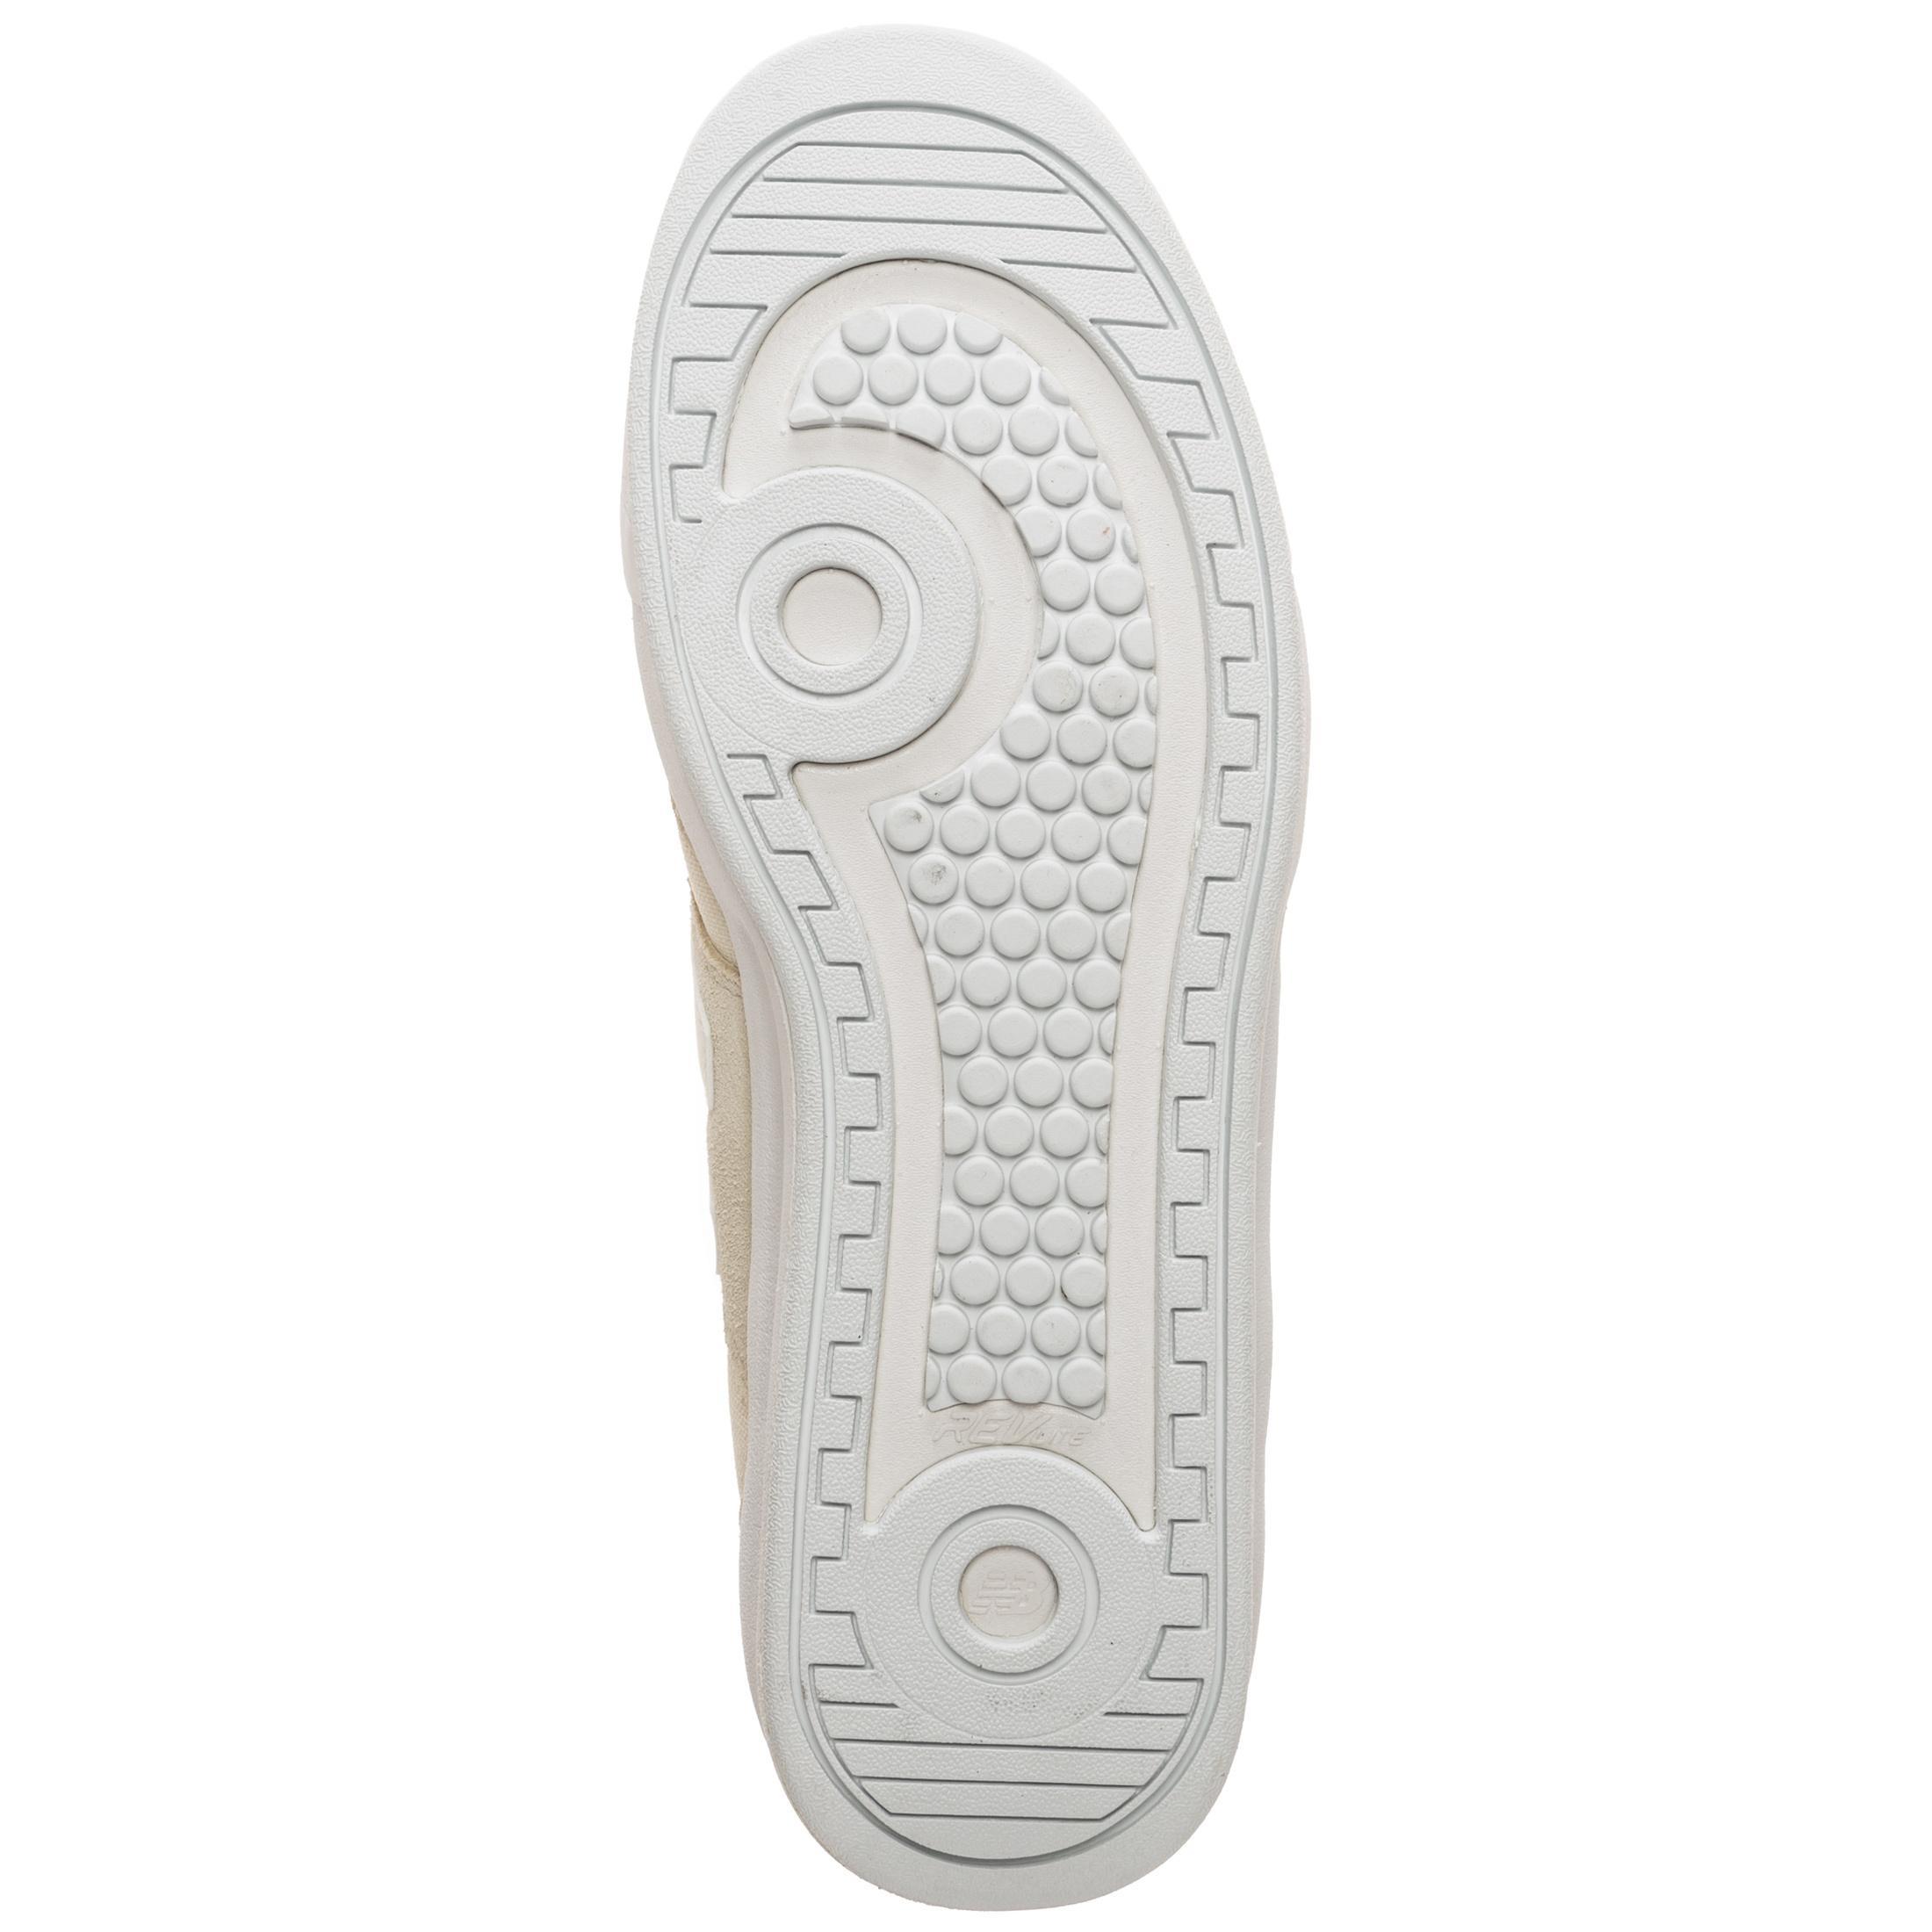 NEW BALANCE WRT300-EO-B WRT300-EO-B WRT300-EO-B Turnschuhe Damen beige im Online Shop von SportScheck kaufen Gute Qualität beliebte Schuhe 5419c4